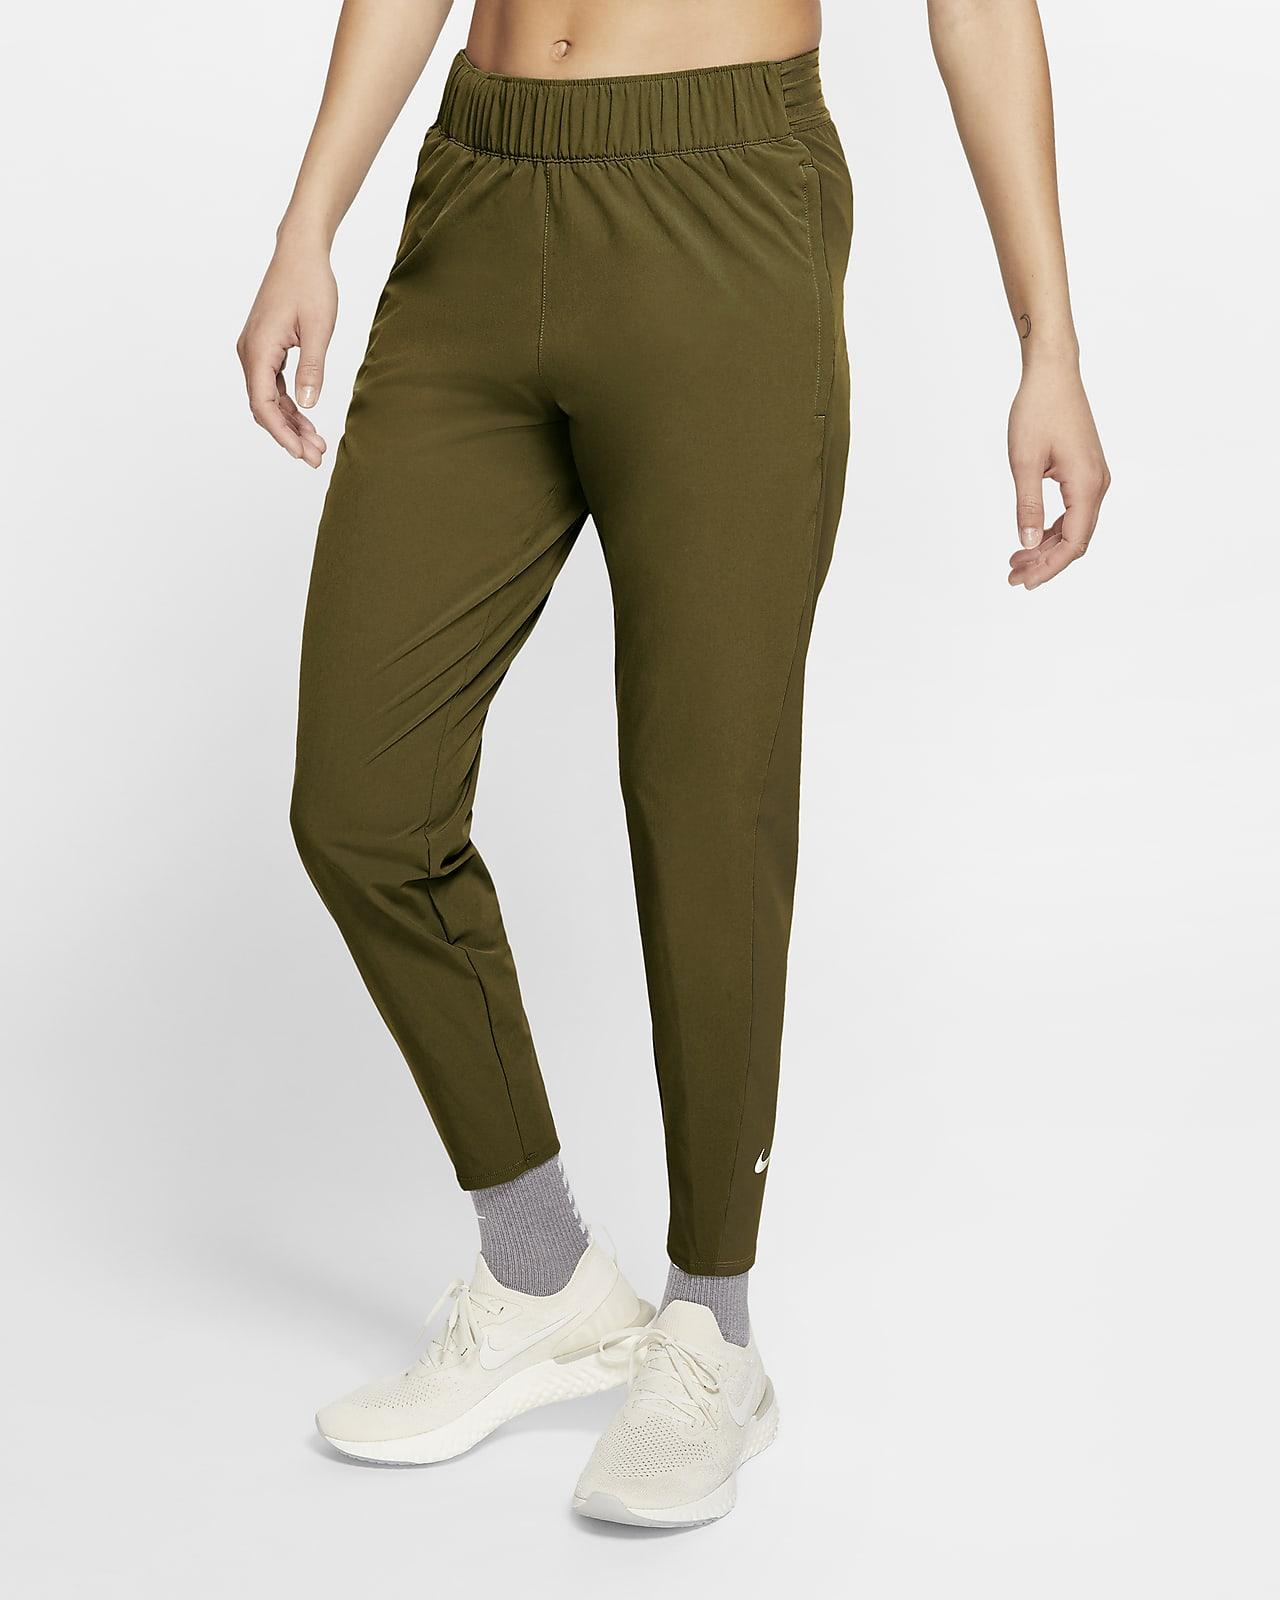 Pantalon de running 78 Nike Essential pour Femme